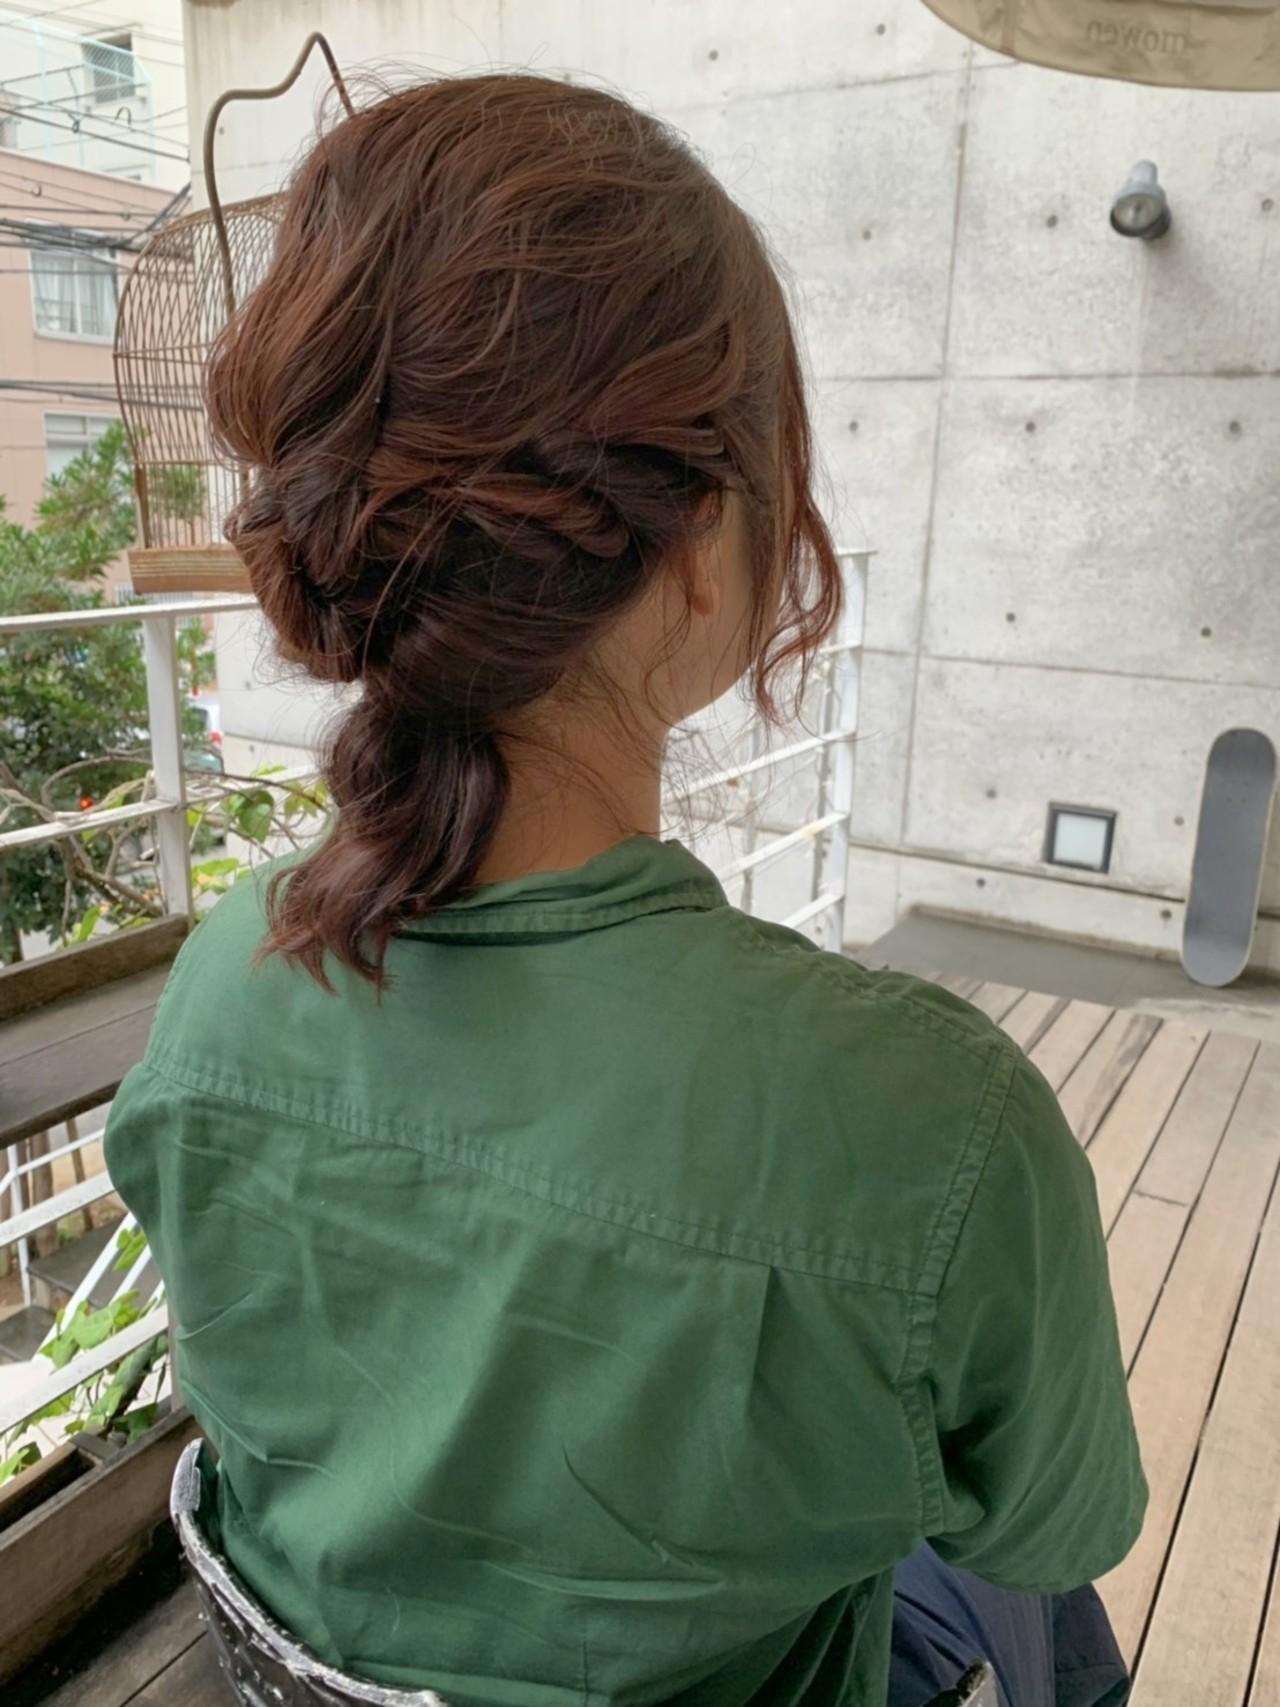 波ウェーブ フェミニン ピンクベージュ ピンクブラウン ヘアスタイルや髪型の写真・画像